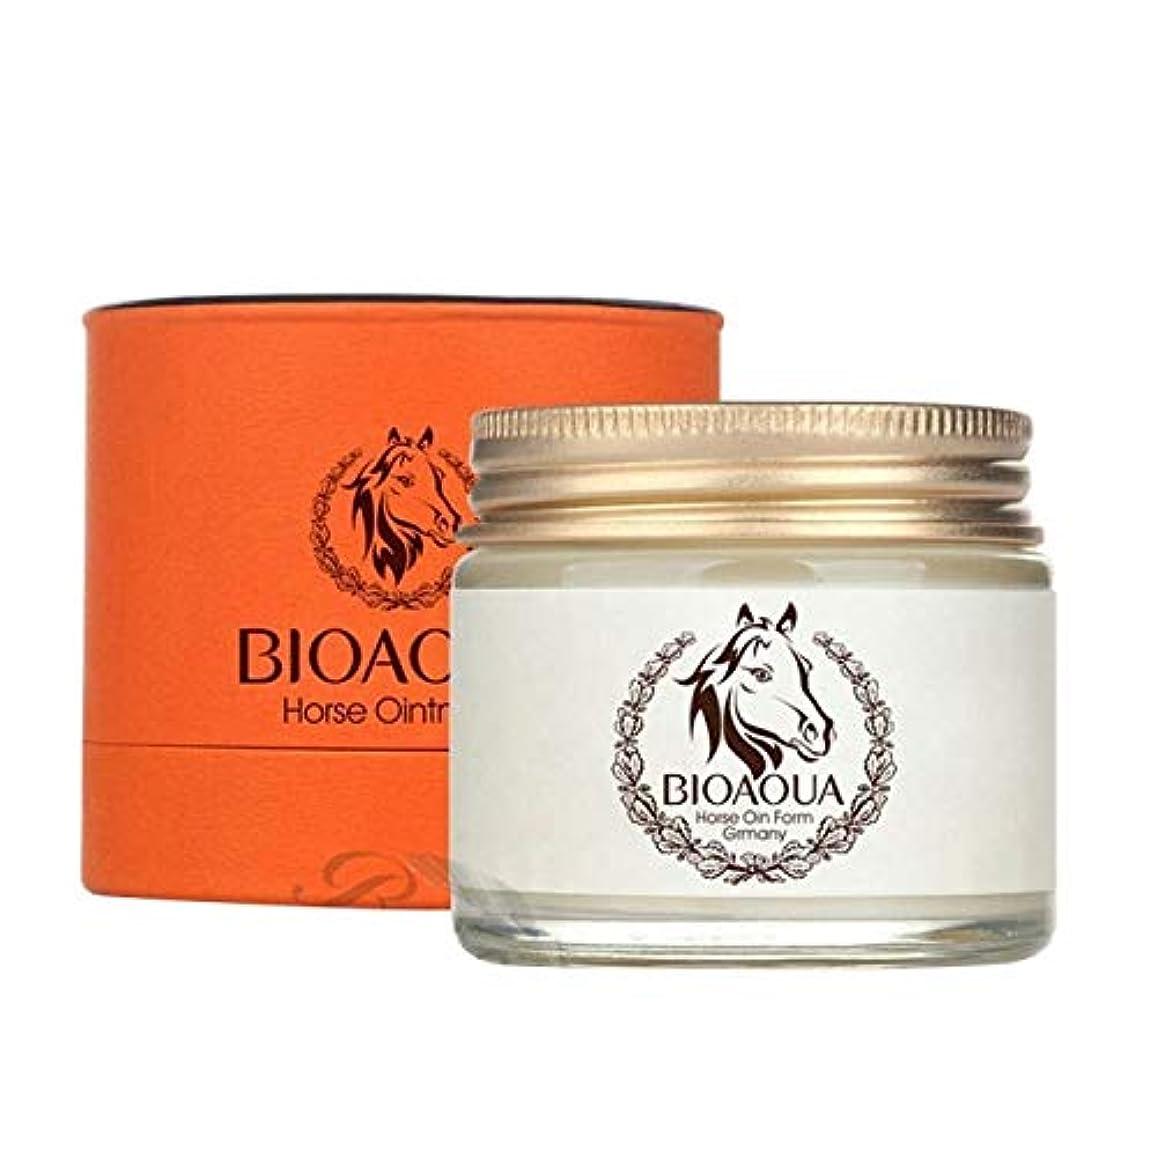 メールアロング極めて重要なコー美容ケア寧保湿クリーム馬油クリームスカーフェースボディニンクリームエイジレス